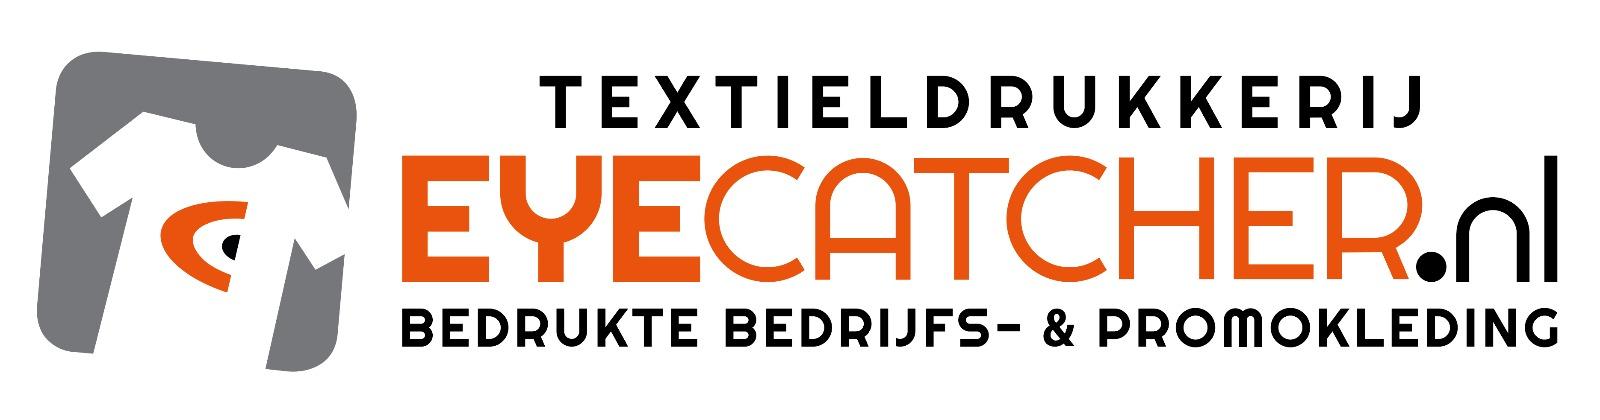 Eyecatcher Textieldrukkerij